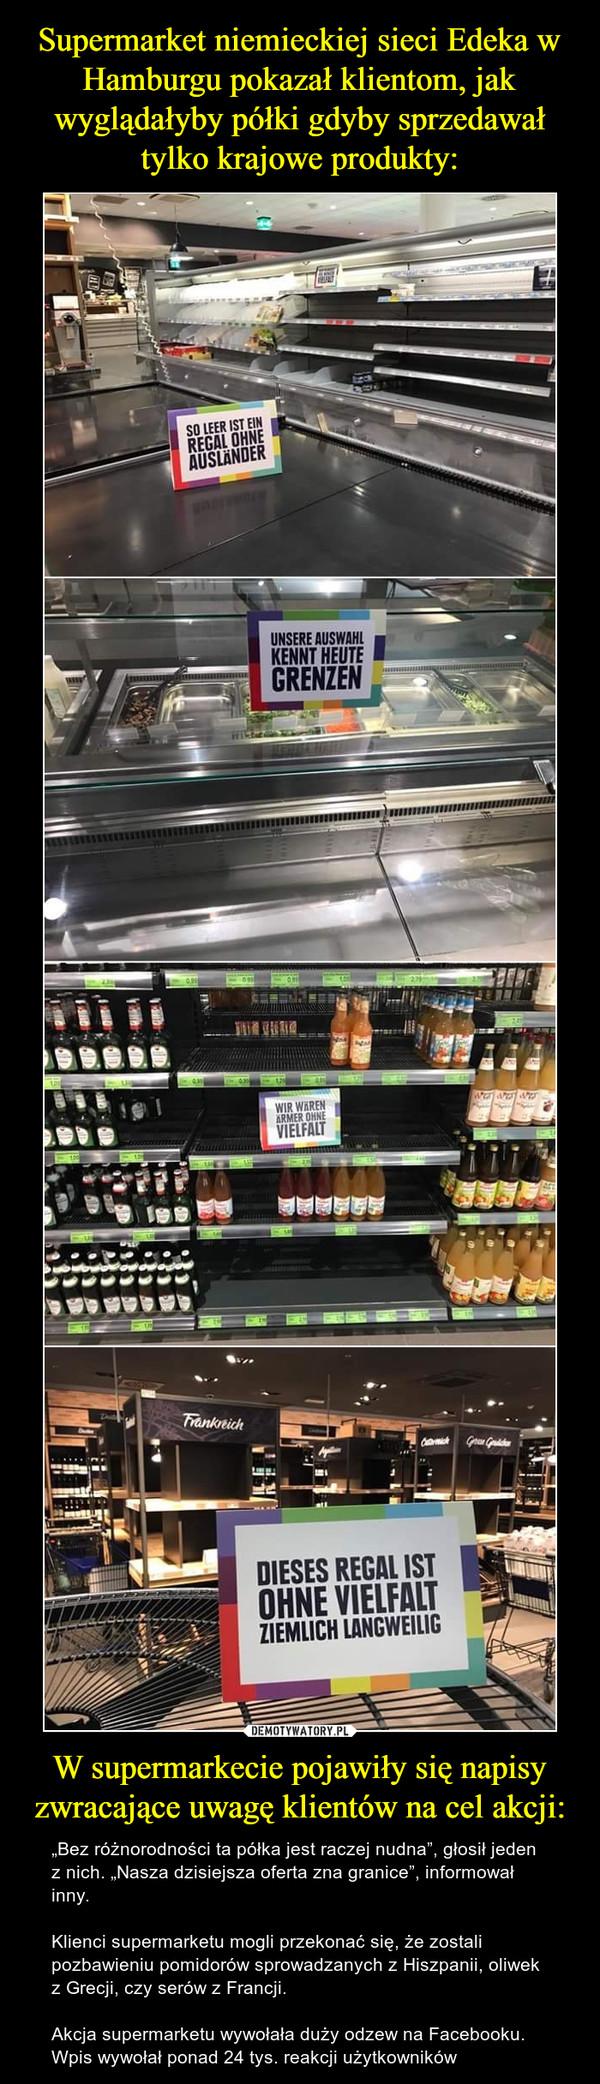 """W supermarkecie pojawiły się napisy zwracające uwagę klientów na cel akcji: – """"Bez różnorodności ta półka jest raczej nudna"""", głosił jeden z nich. """"Nasza dzisiejsza oferta zna granice"""", informował inny.Klienci supermarketu mogli przekonać się, że zostali pozbawieniu pomidorów sprowadzanych z Hiszpanii, oliwek z Grecji, czy serów z Francji.Akcja supermarketu wywołała duży odzew na Facebooku. Wpis wywołał ponad 24 tys. reakcji użytkowników"""